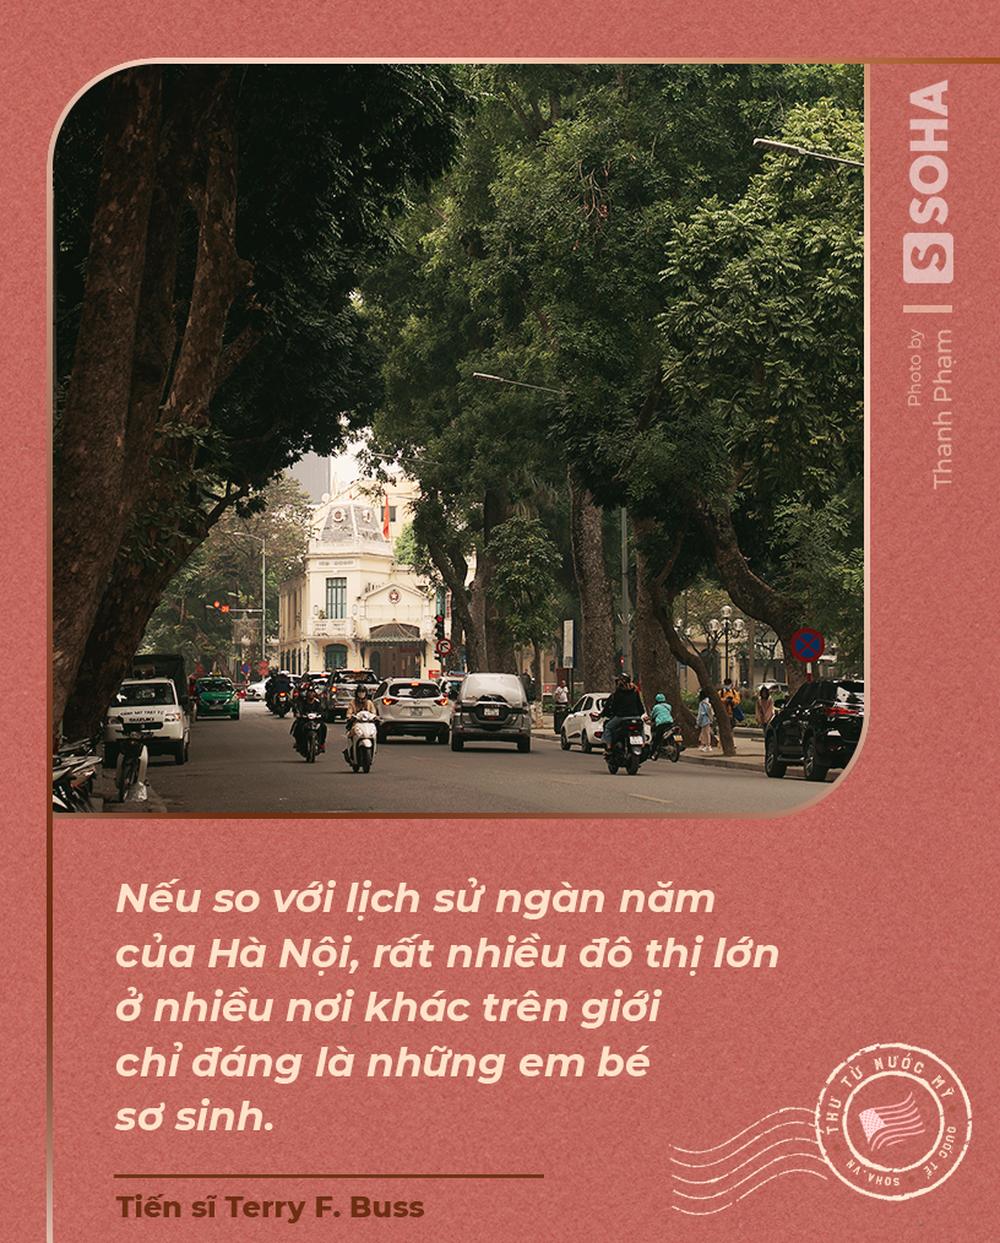 Thư từ nước Mỹ: Cột điện Hà Nội và chuyện phố cổ trong mắt một người Mỹ - ảnh 3